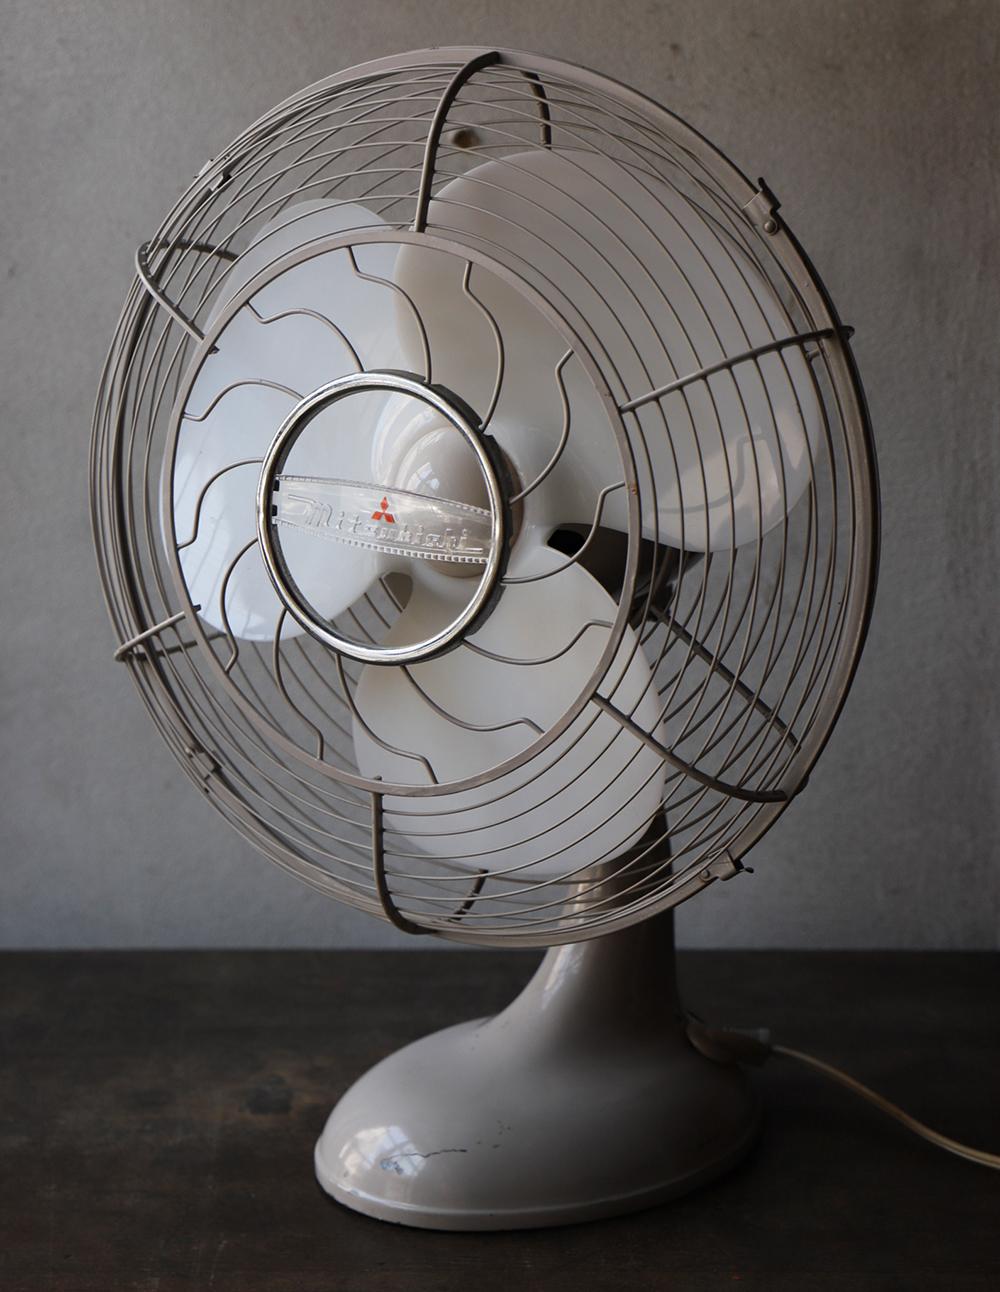 三菱製 ライトグレーのレトロな扇風機